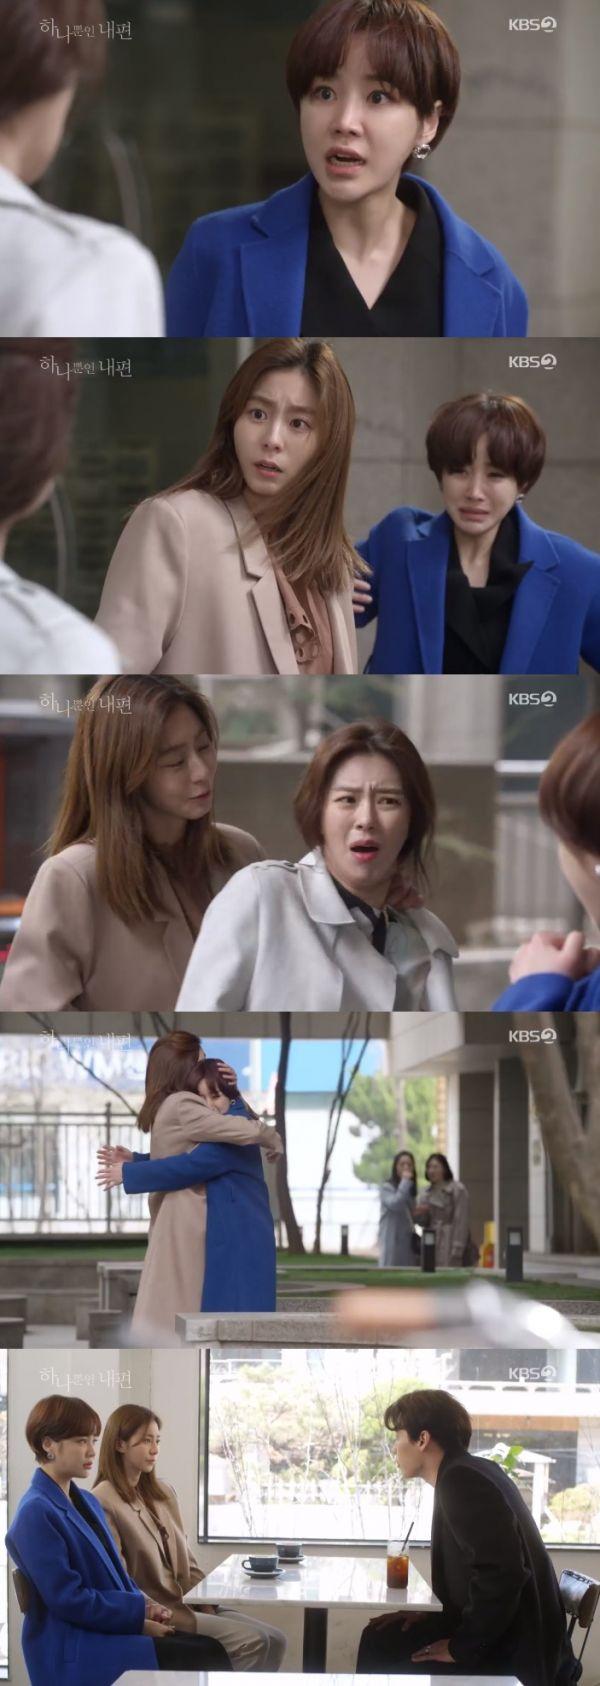 '하나뿐인 내편' 윤진이, 유이 전적으로 의지 [TV캡처]